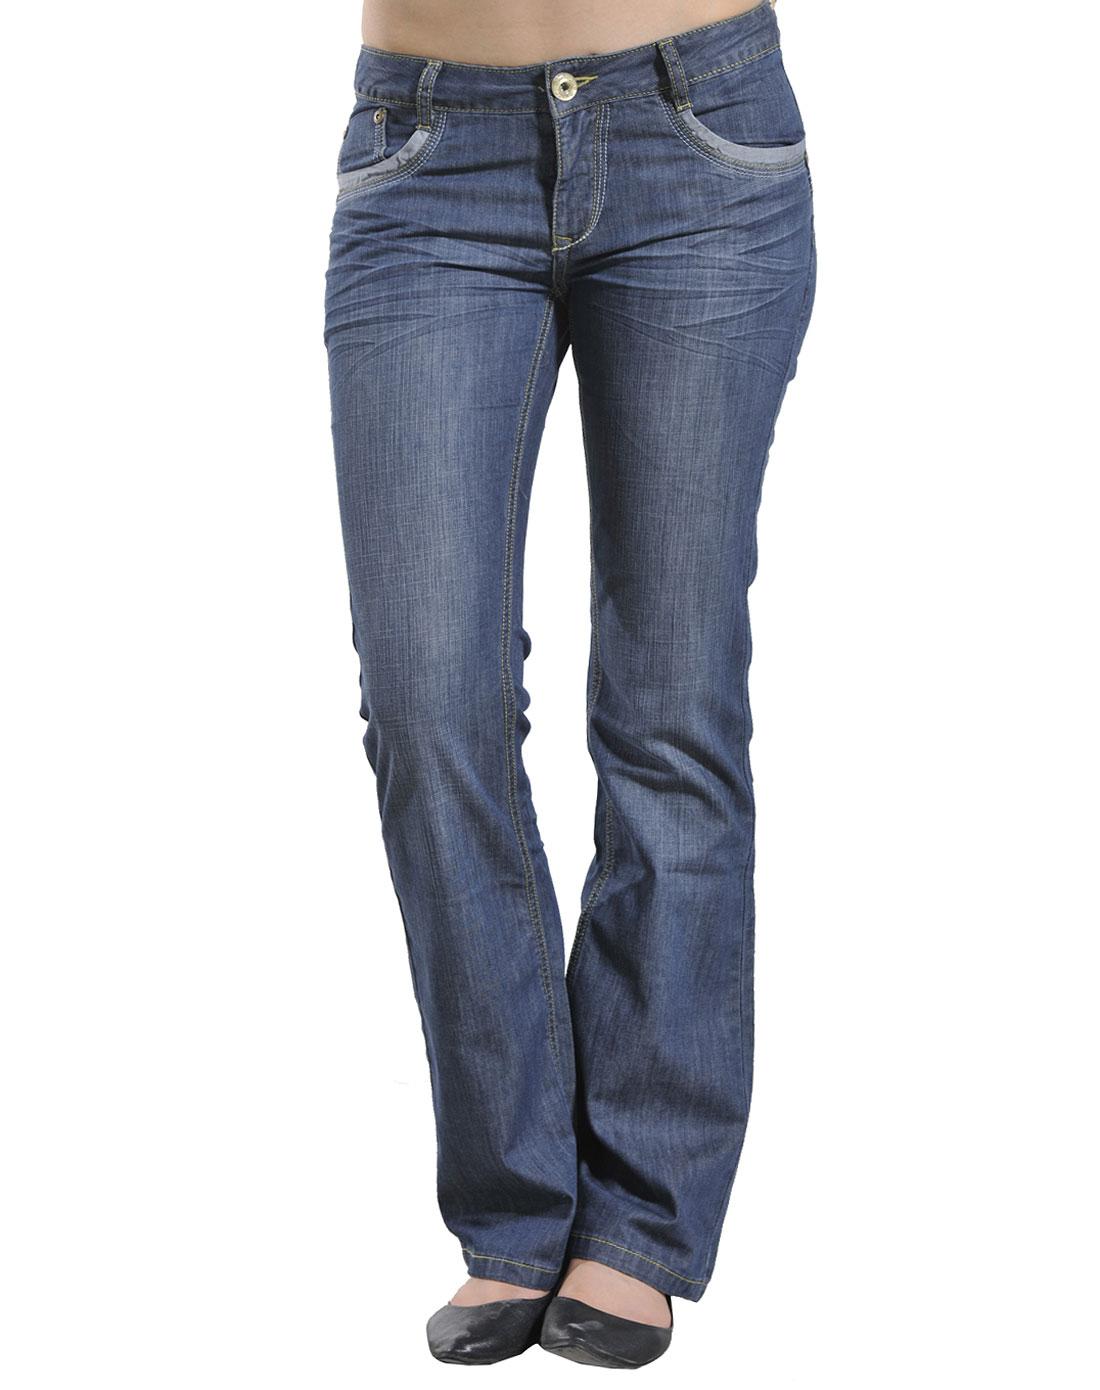 女款深蓝色牛仔裤